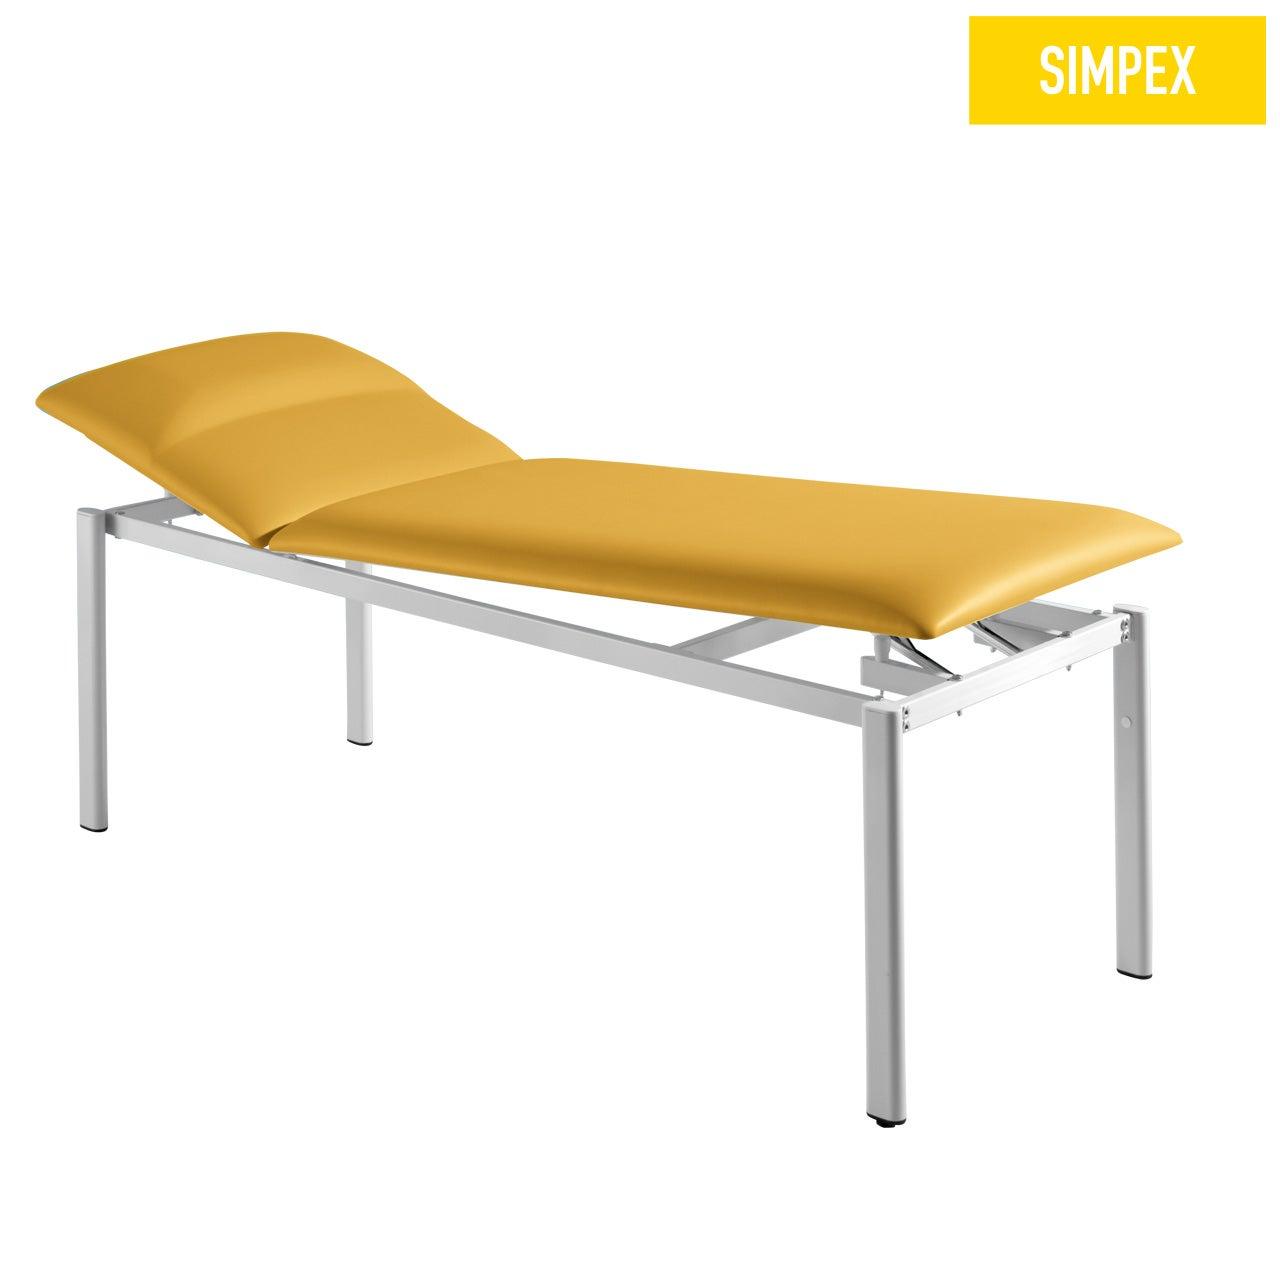 Designerliege ELLITTICA 65 Siesta mit Kunstleder in gelb (mais) und einem Gestell aus Stahl grauweiß gepulvert von SIMPEX